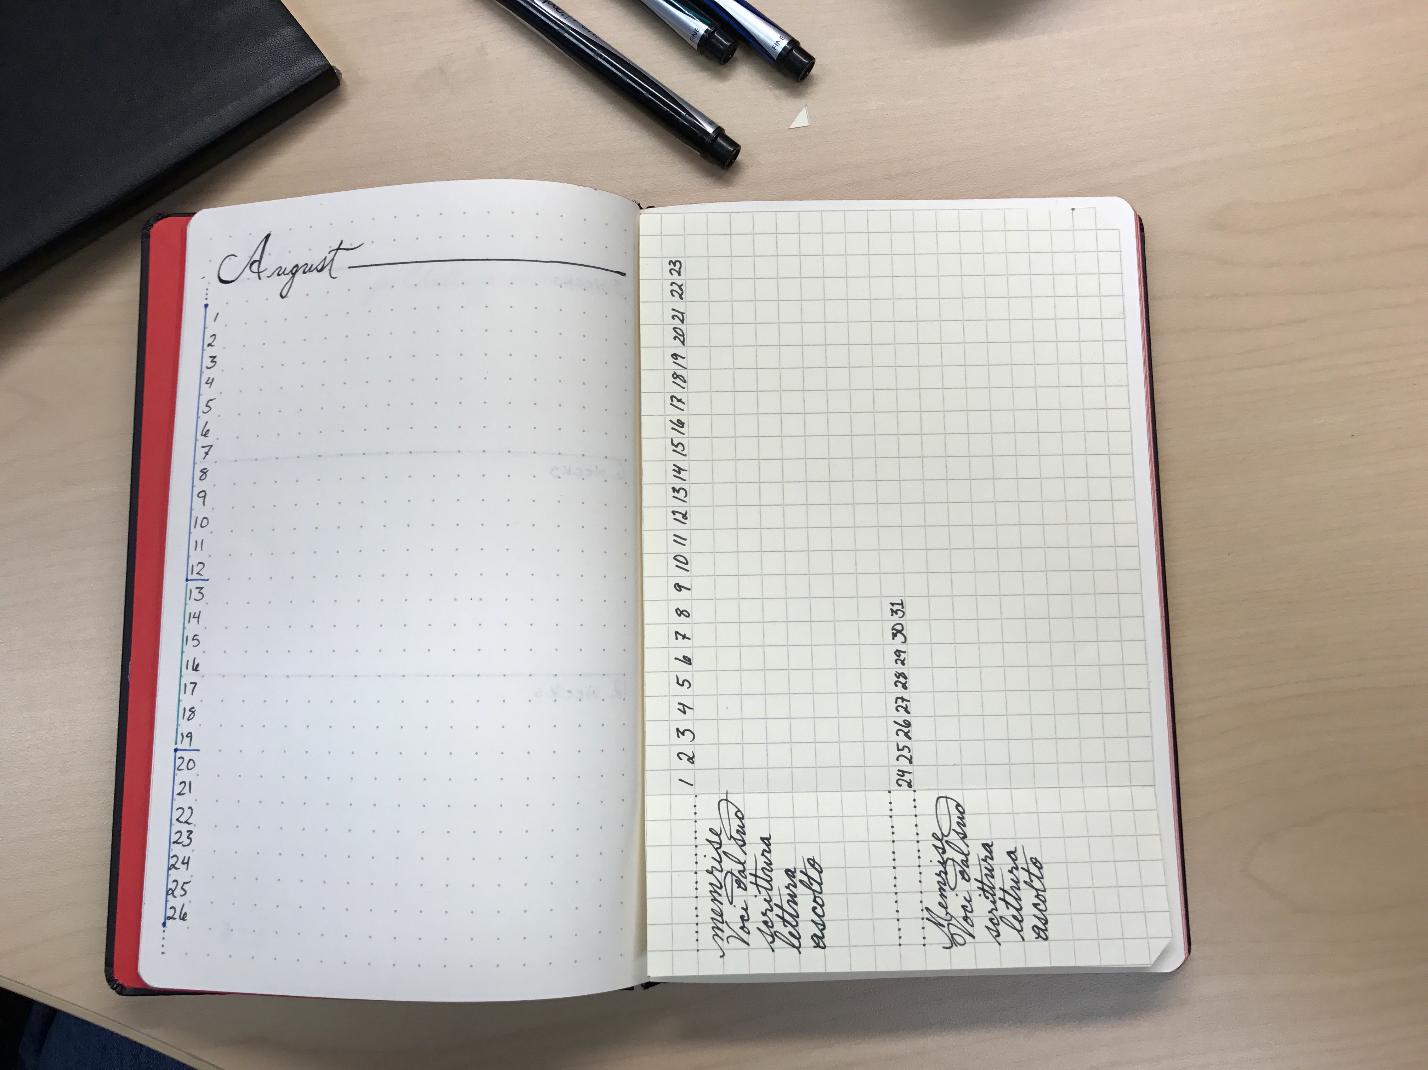 bulletjournal4-habit-tracker.png